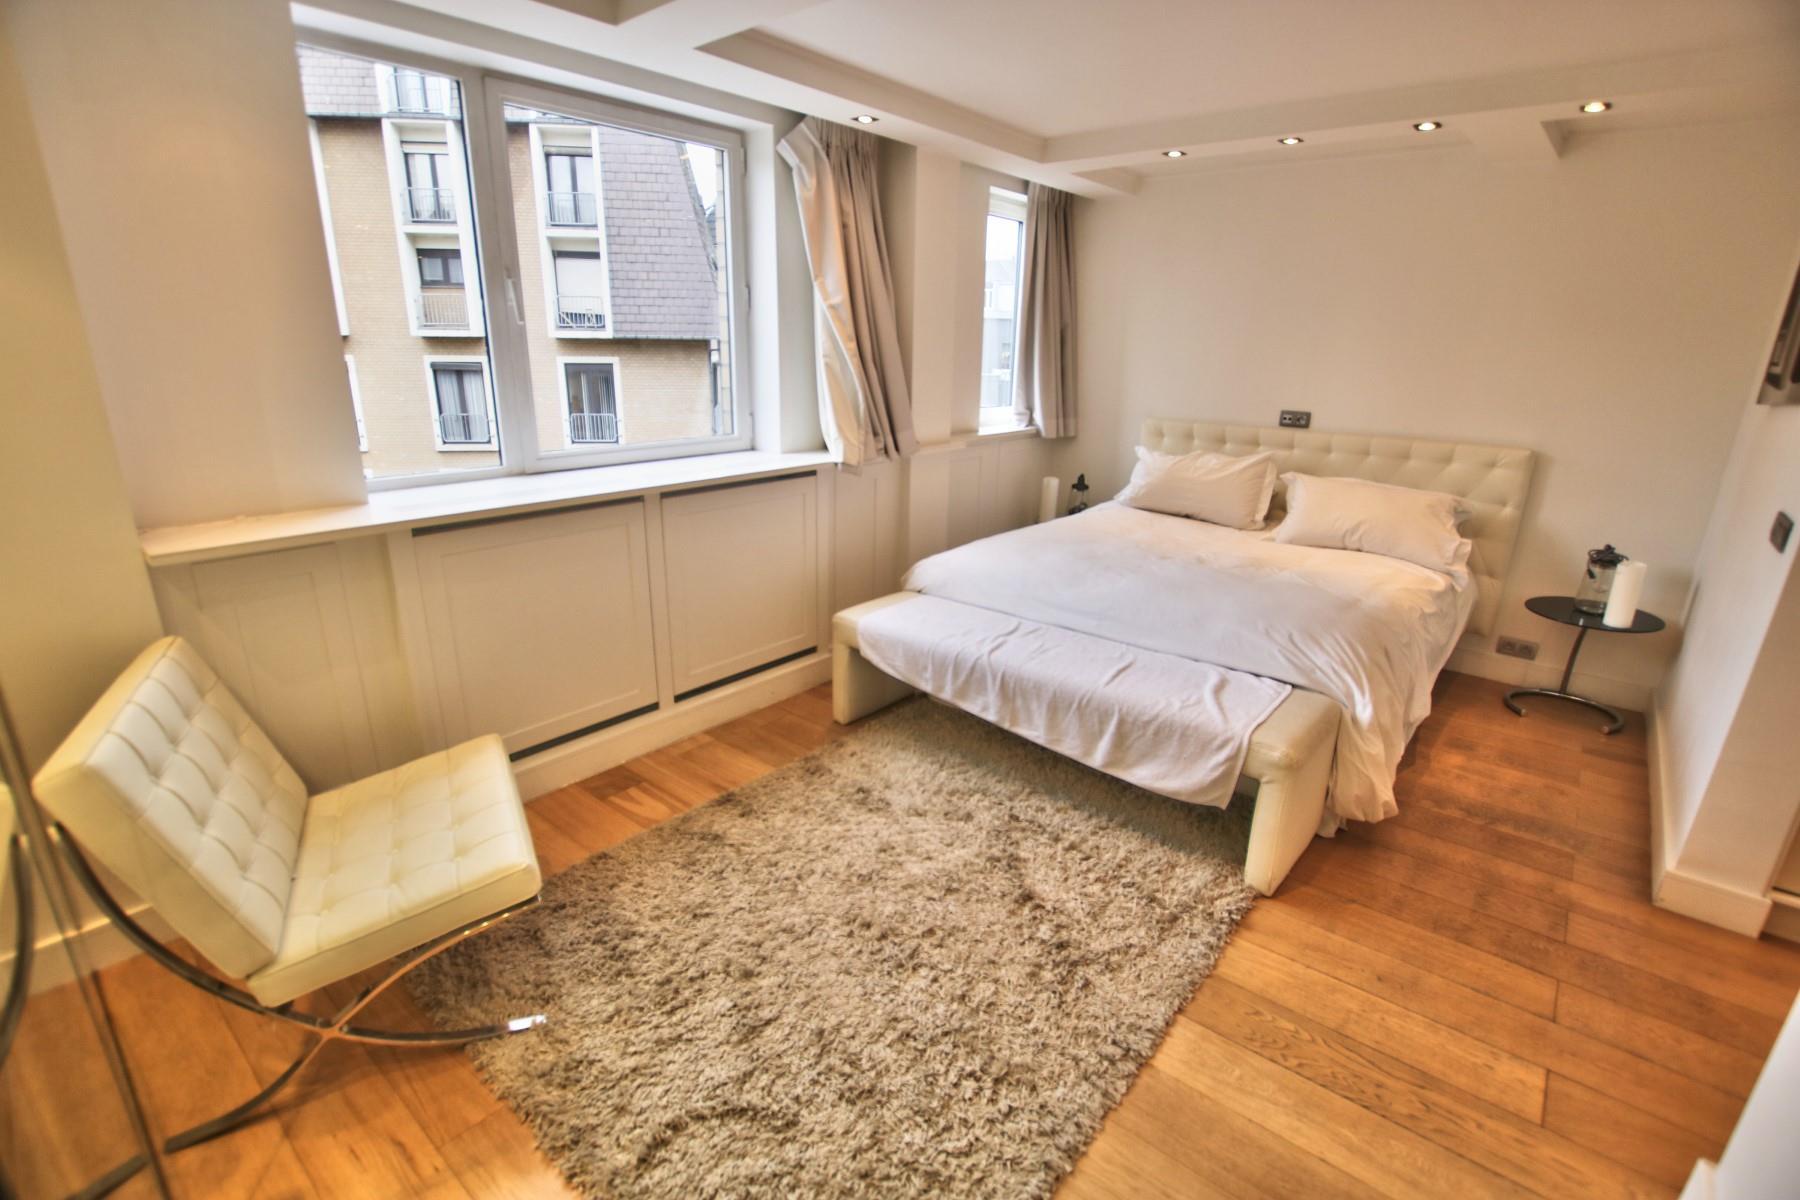 Appartement exceptionnel - Ixelles - #4030098-9